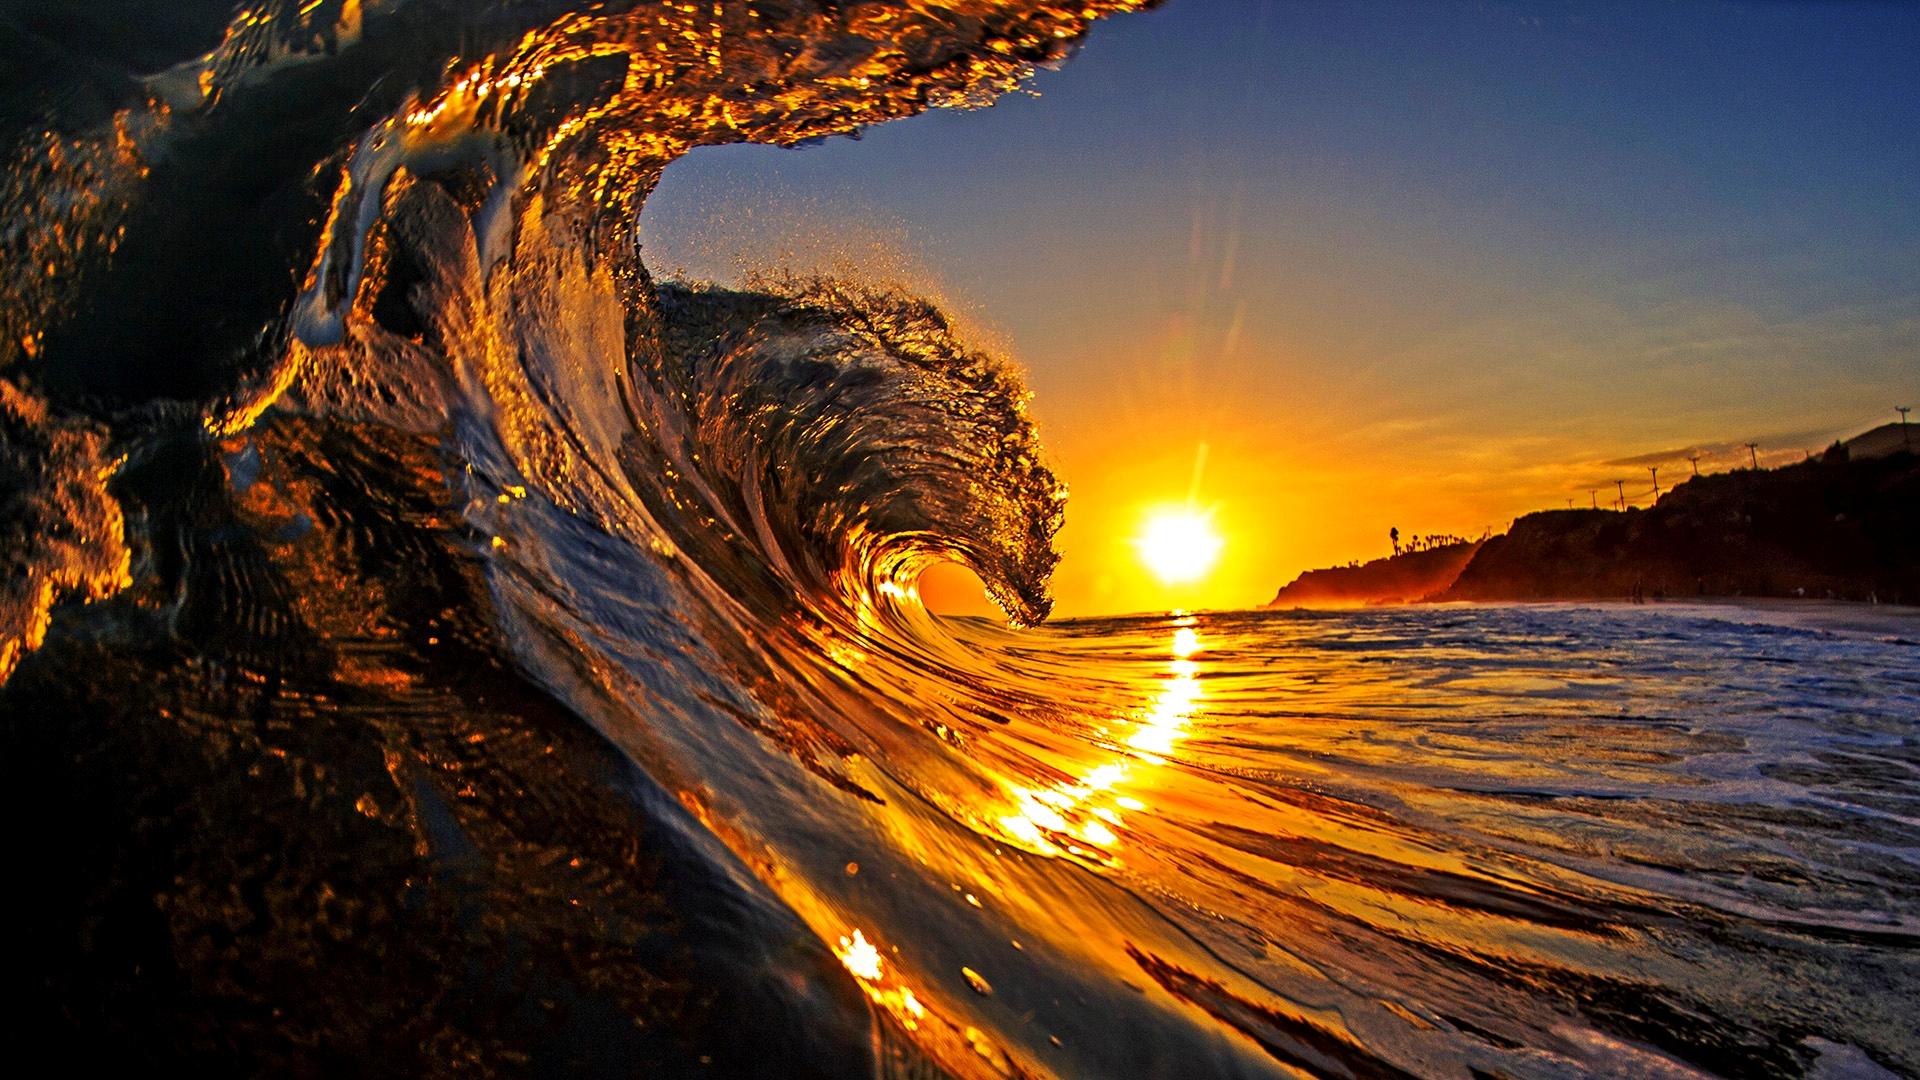 Majestic wave at sunrise, California, USA